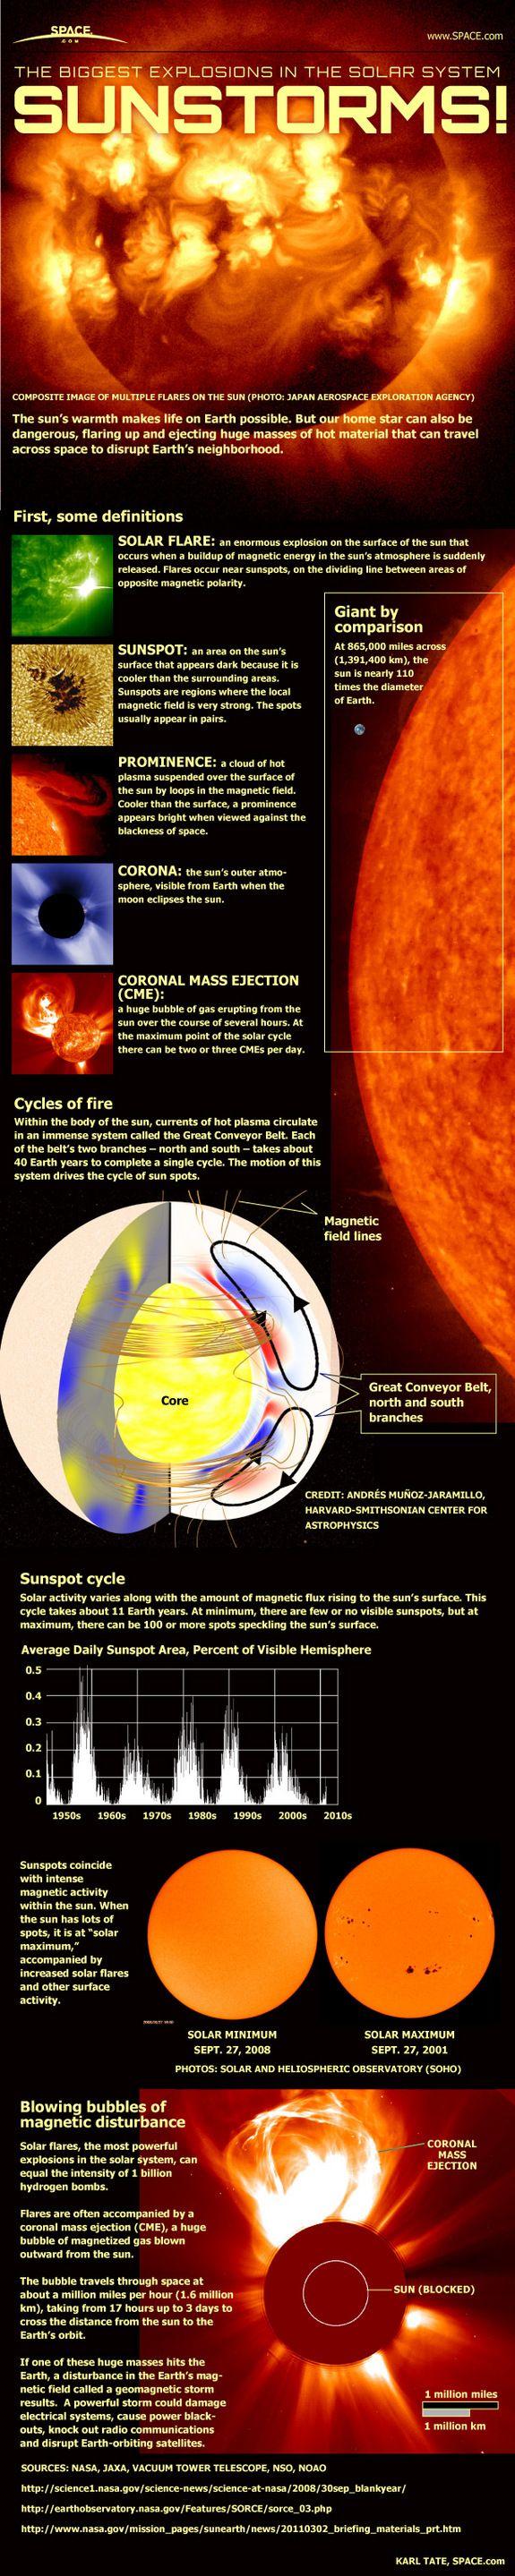 Anatomy of Sun Storms & Solar Flares (Infographic) – Infografica: anatomia delle tempeste e brillamenti solari